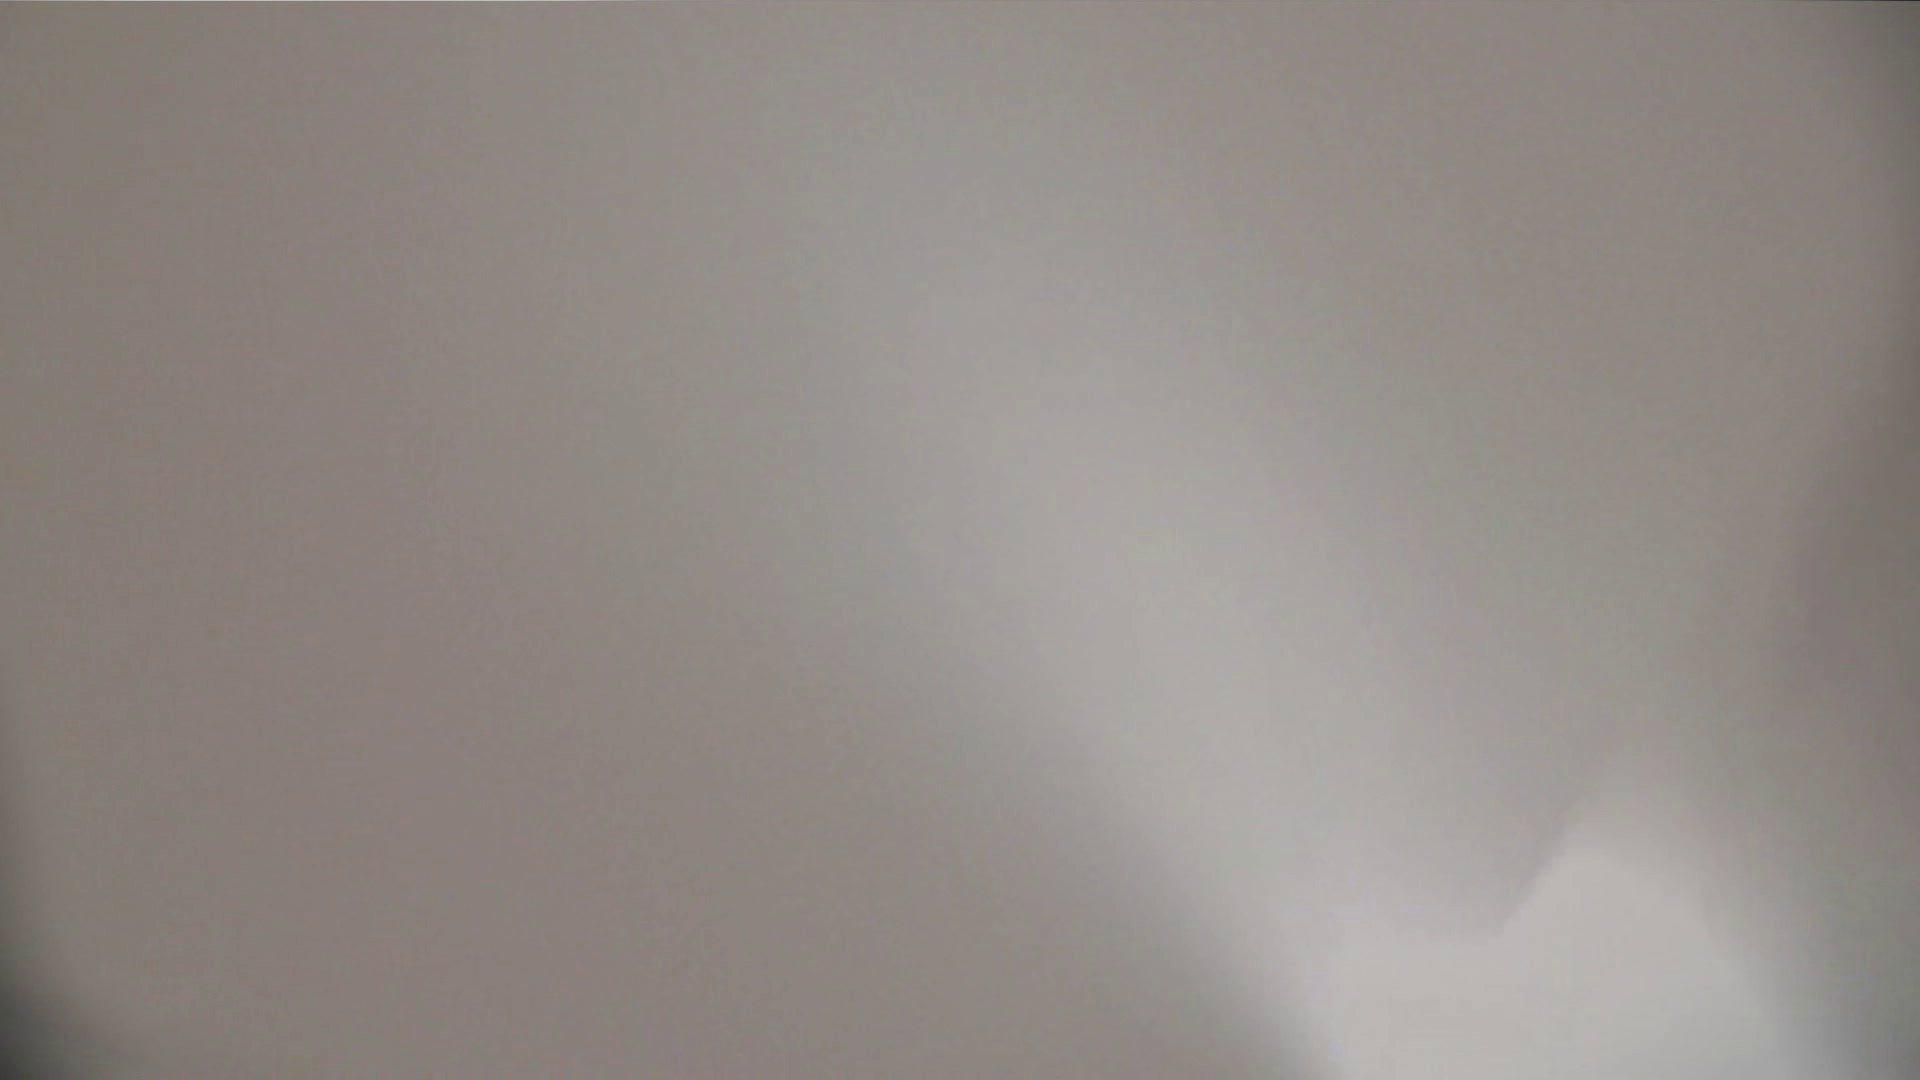 お市さんの「お尻丸出しジャンボリー」No.01 お尻特集 盗撮動画紹介 44連発 6